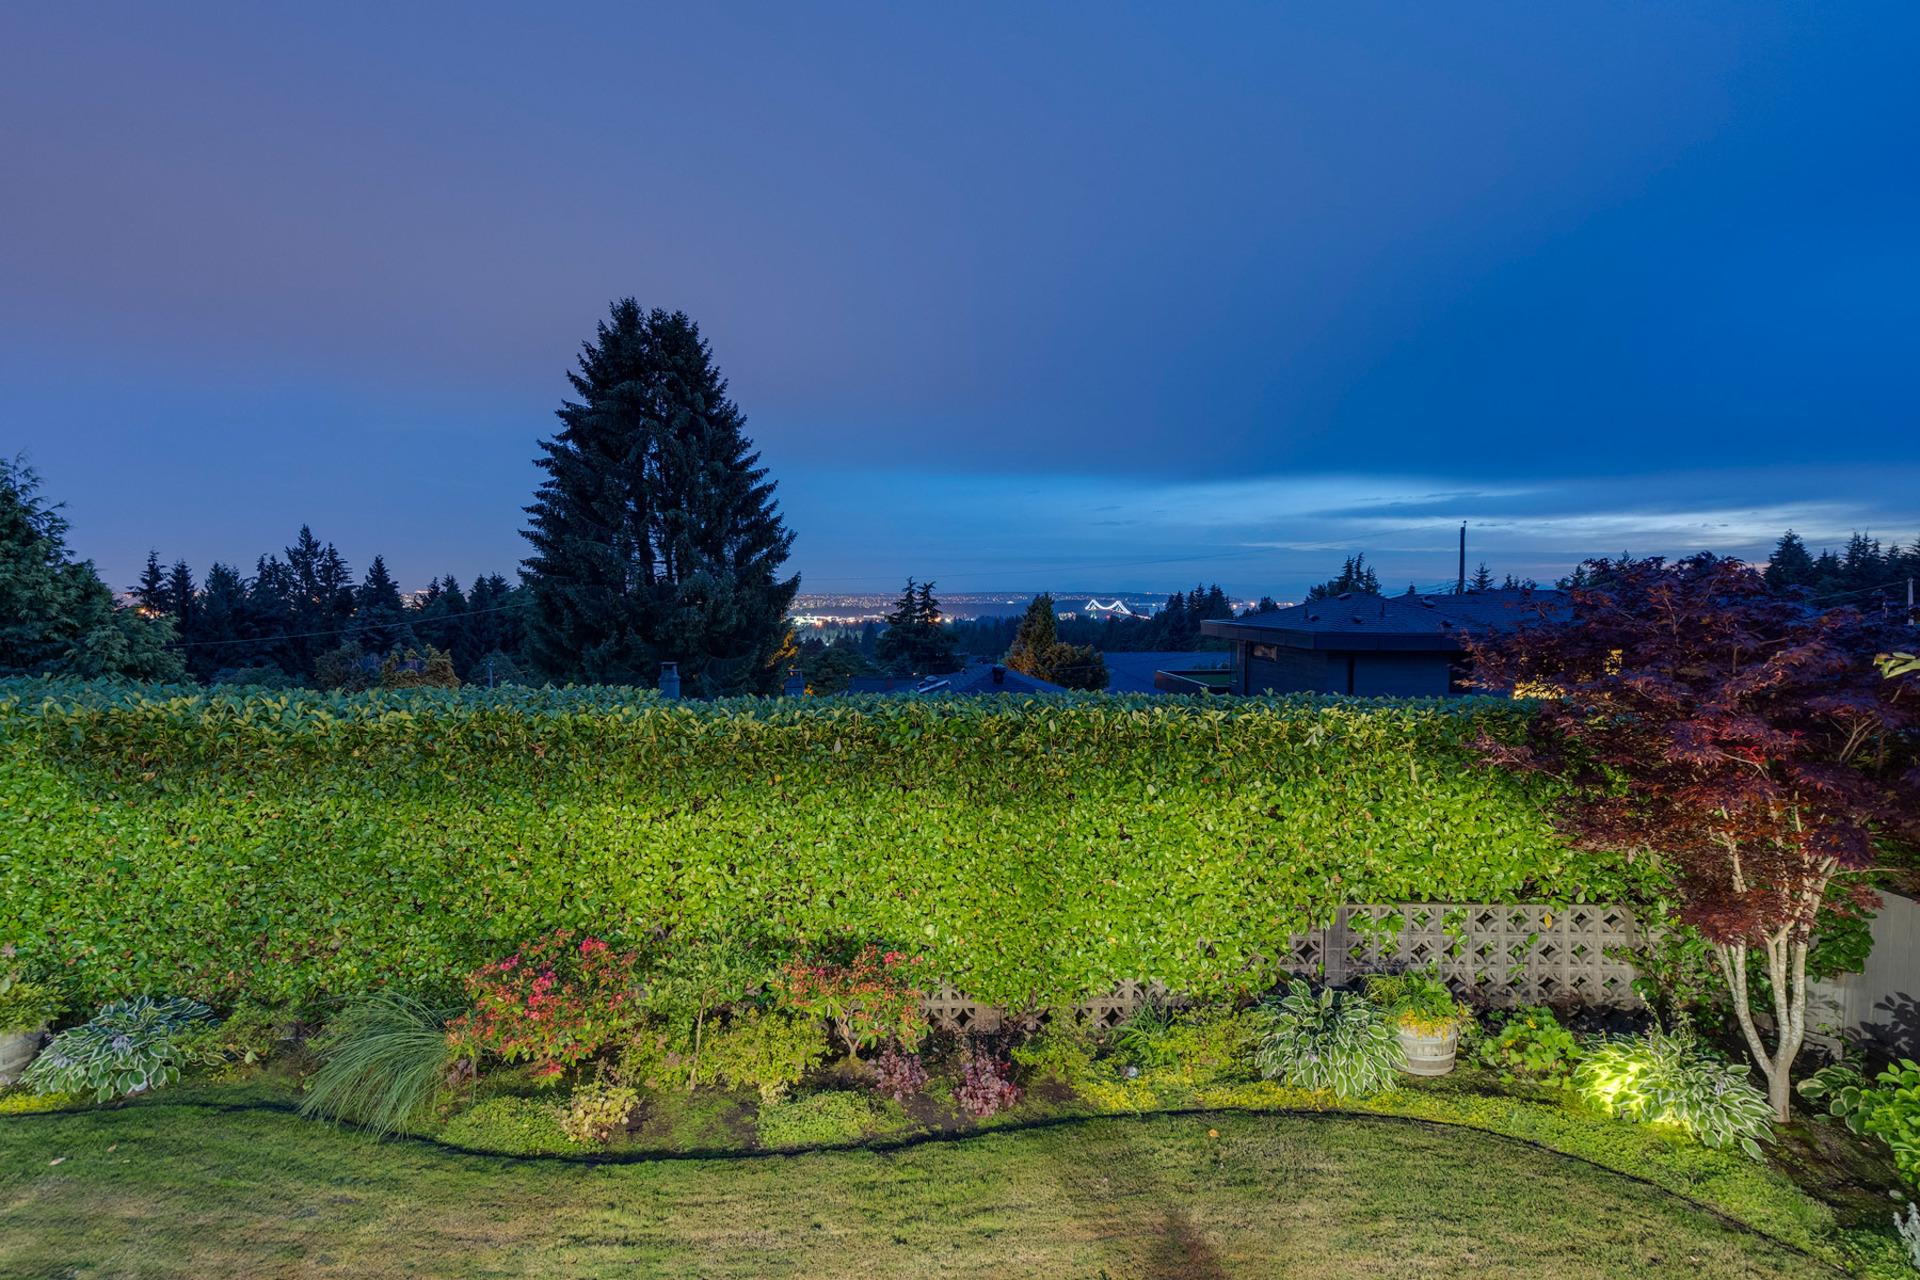 501-Seville-Crescent-360hometours-15s-1 at 501 Saville Crescent, Upper Delbrook, North Vancouver